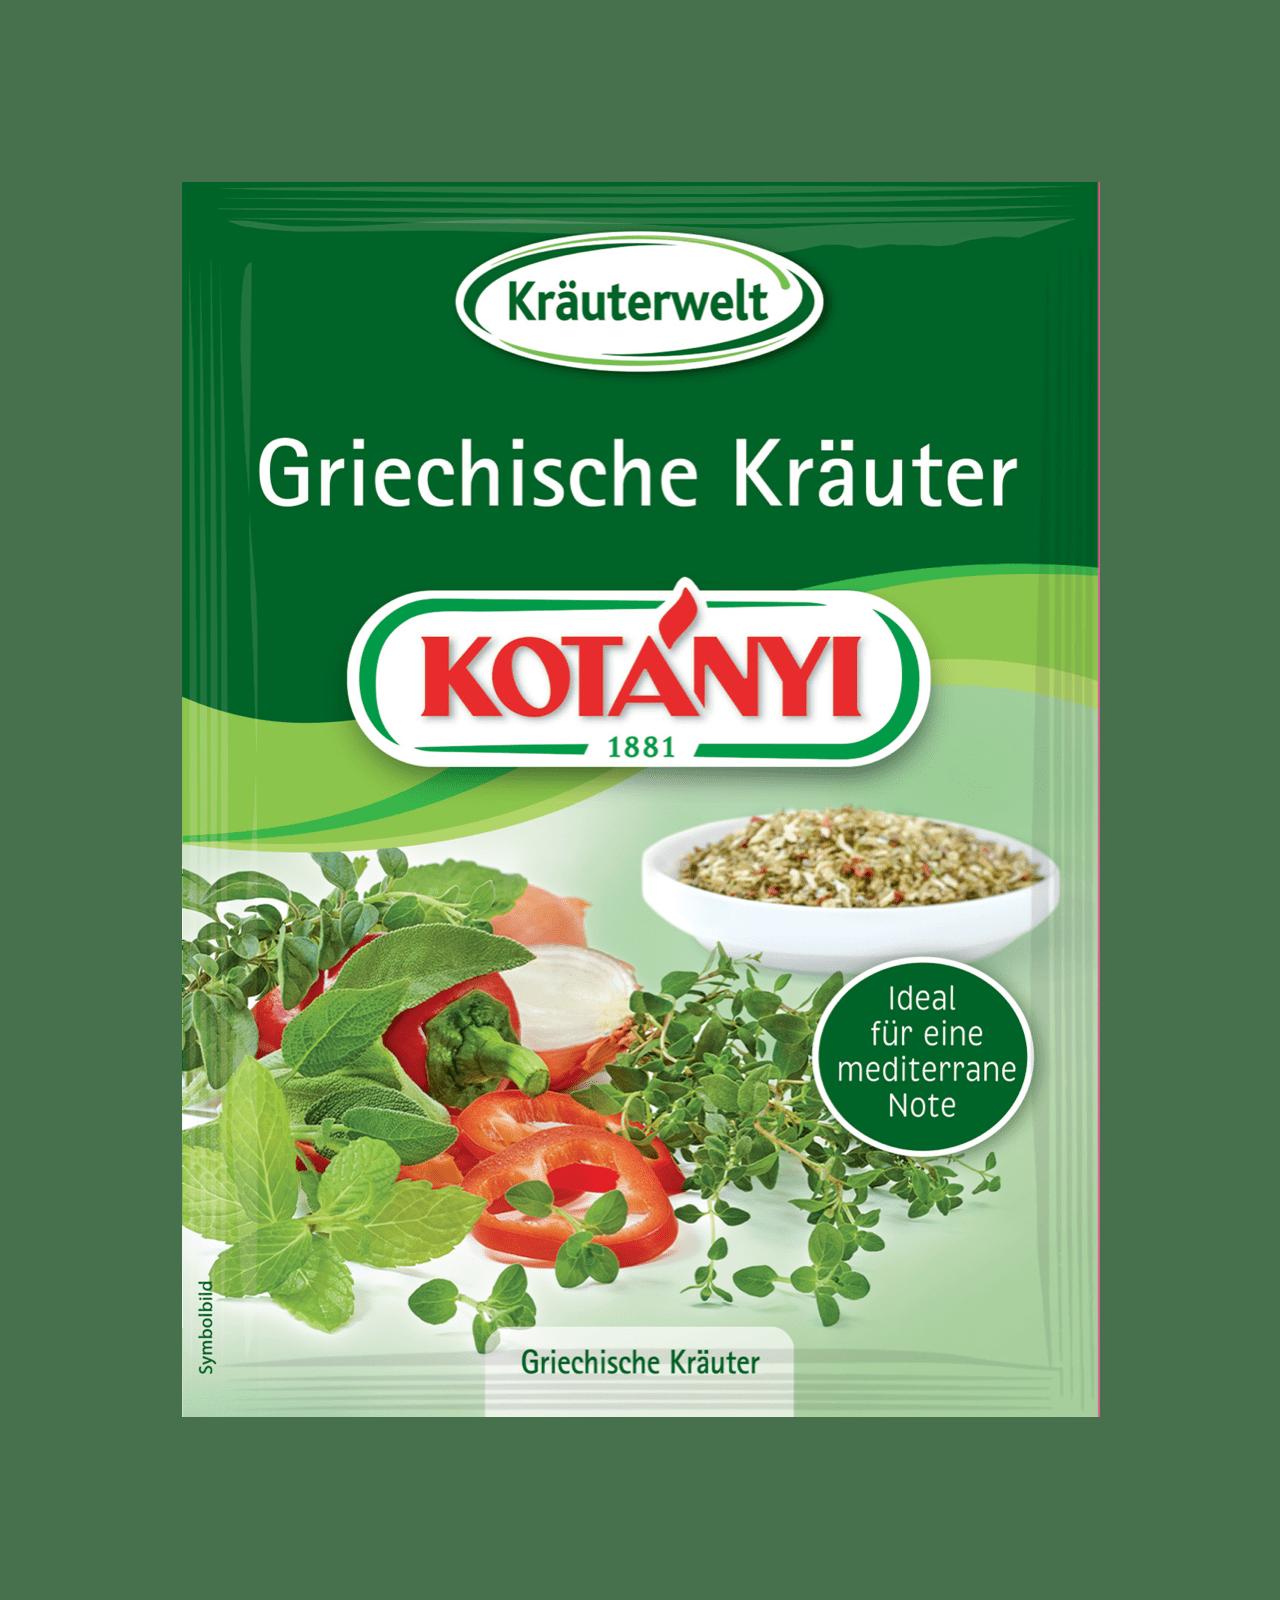 Kotányi Griechische Kräuter im Brief